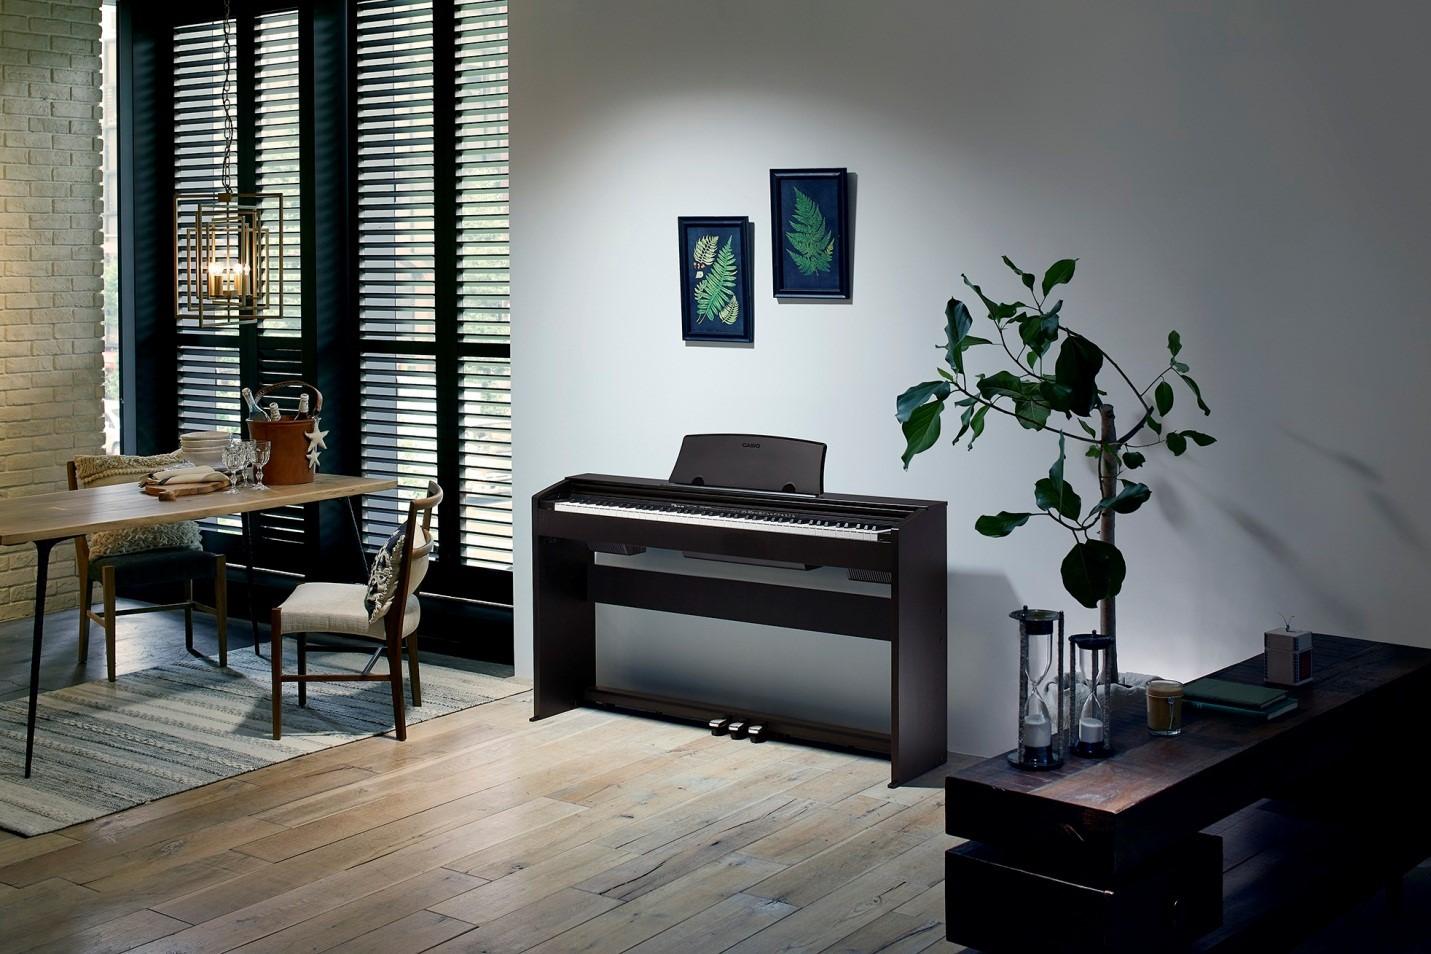 Егор Крид: дизайн в квартире бывшей звезды Black Star [обзор + фото и видео]